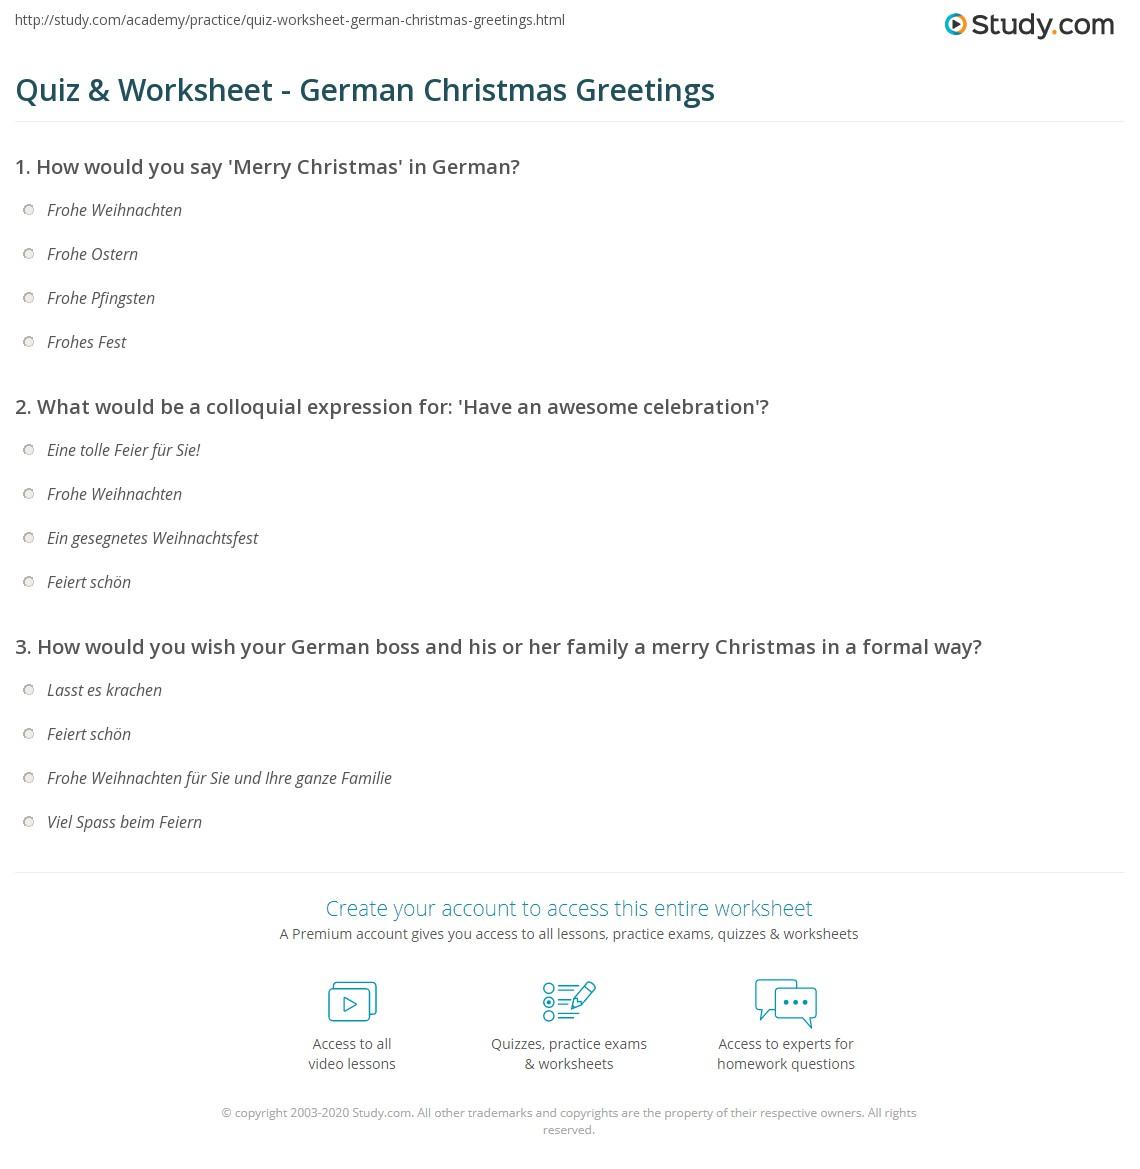 print german christmas greetings worksheet - Merry Christmas In German How To Say